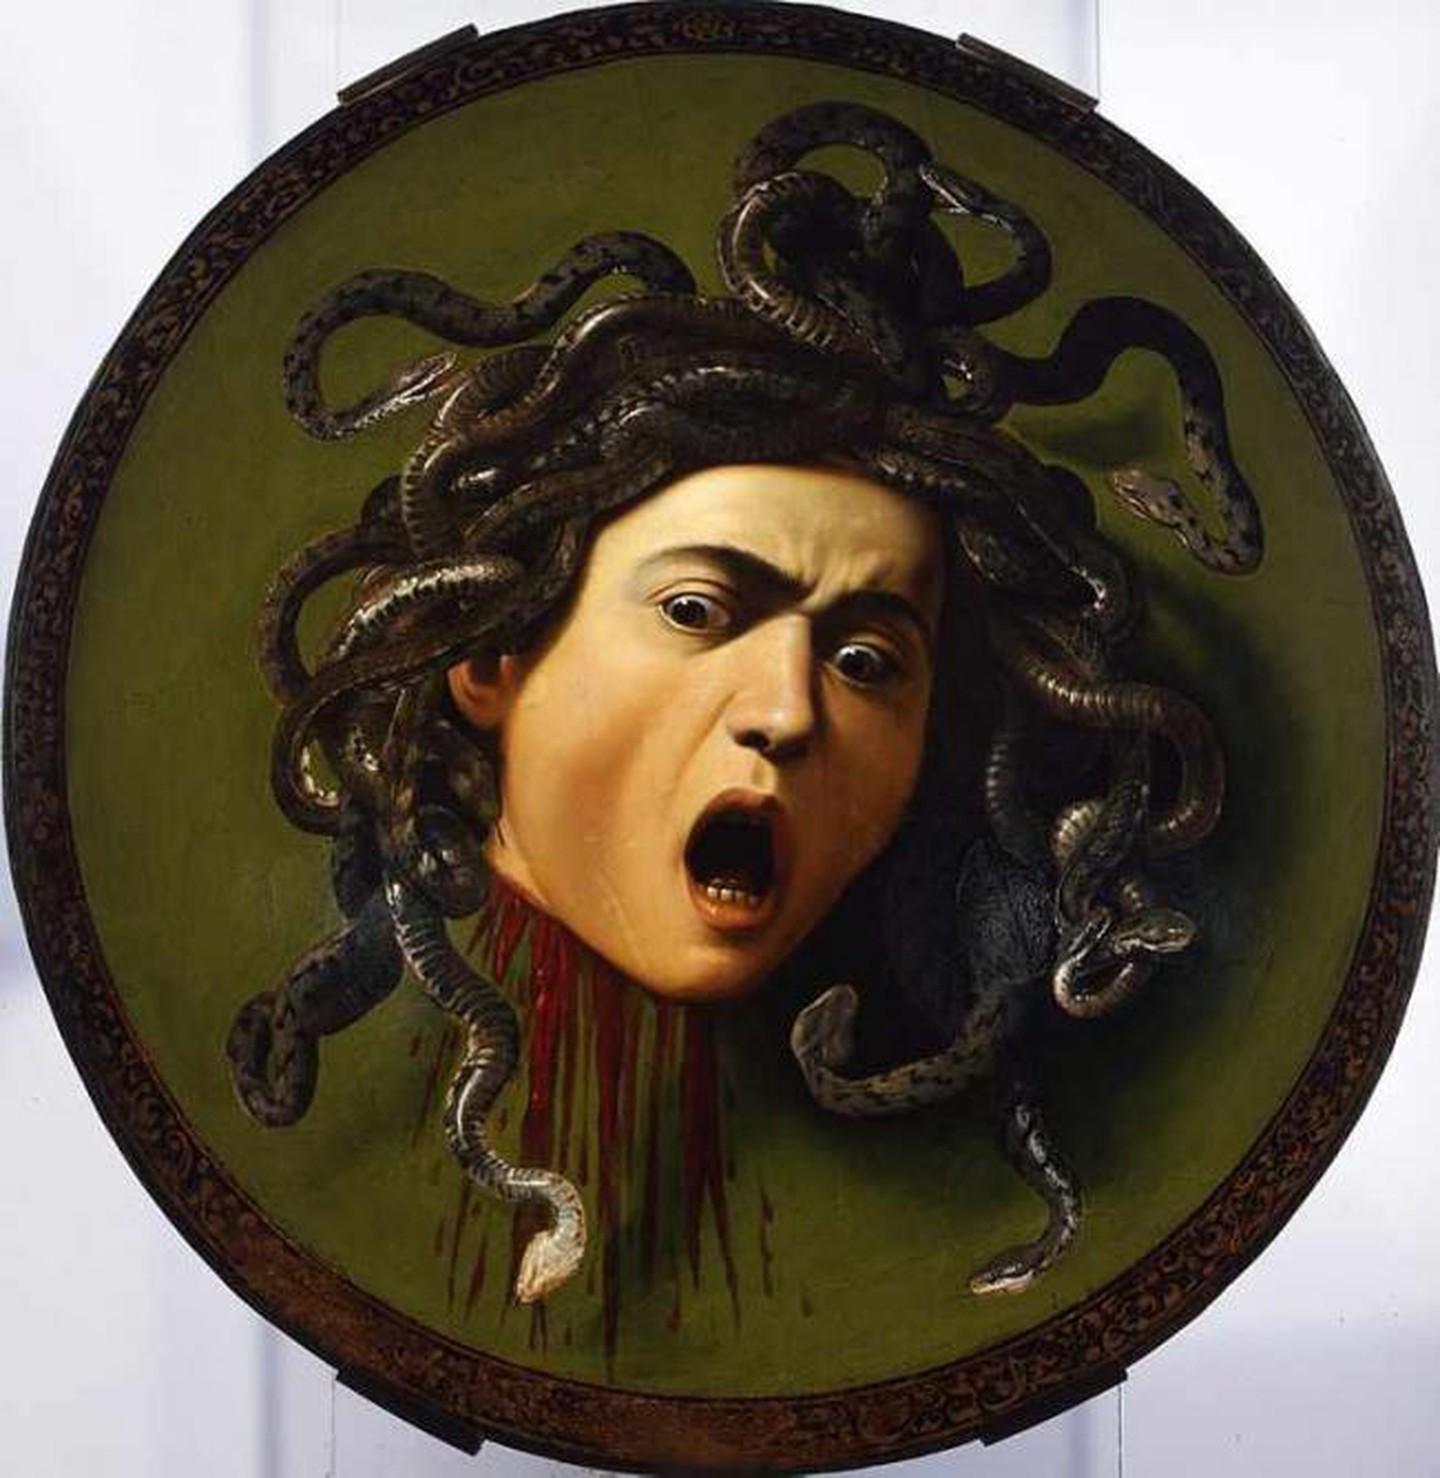 Καραβάτζο, Μέδουσα, 1597. Φωτογραφία: Google Art Project/WikiCommons/Public Domain